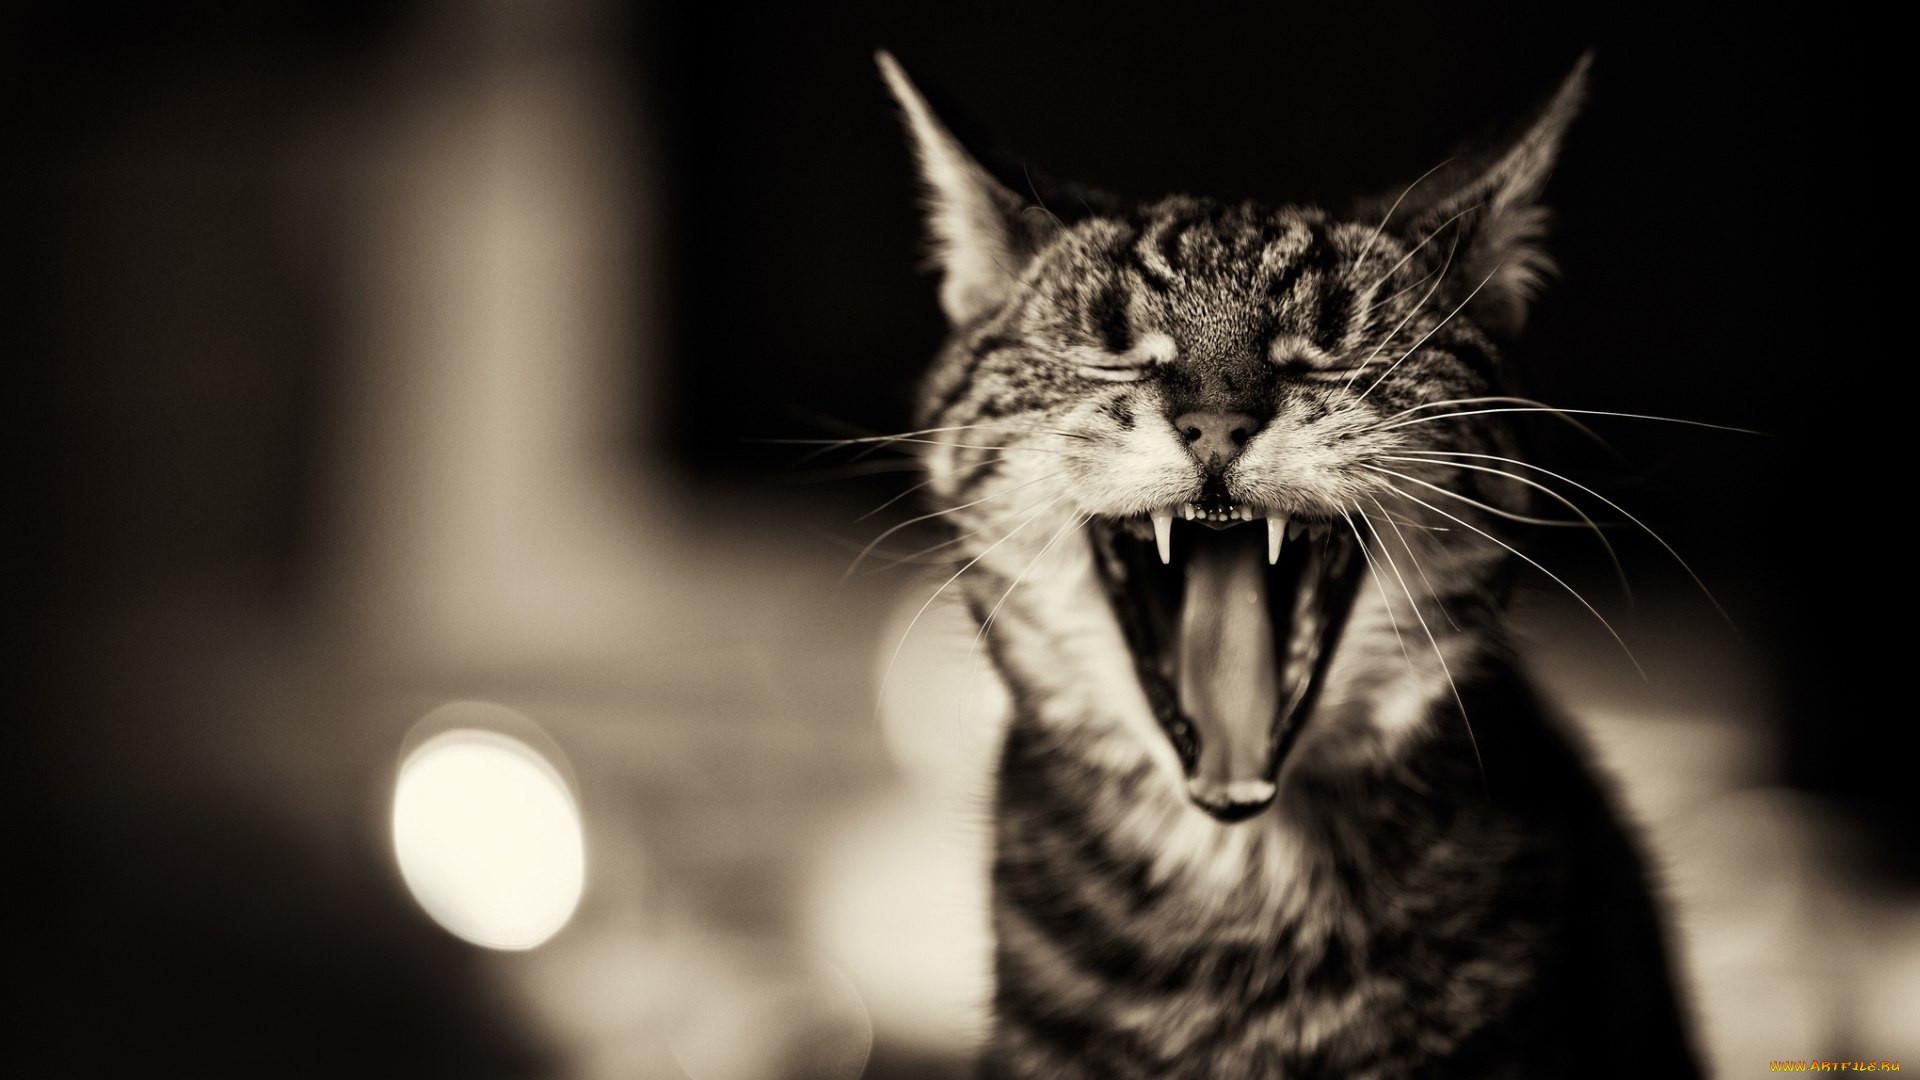 животные, коты, кот, зевает